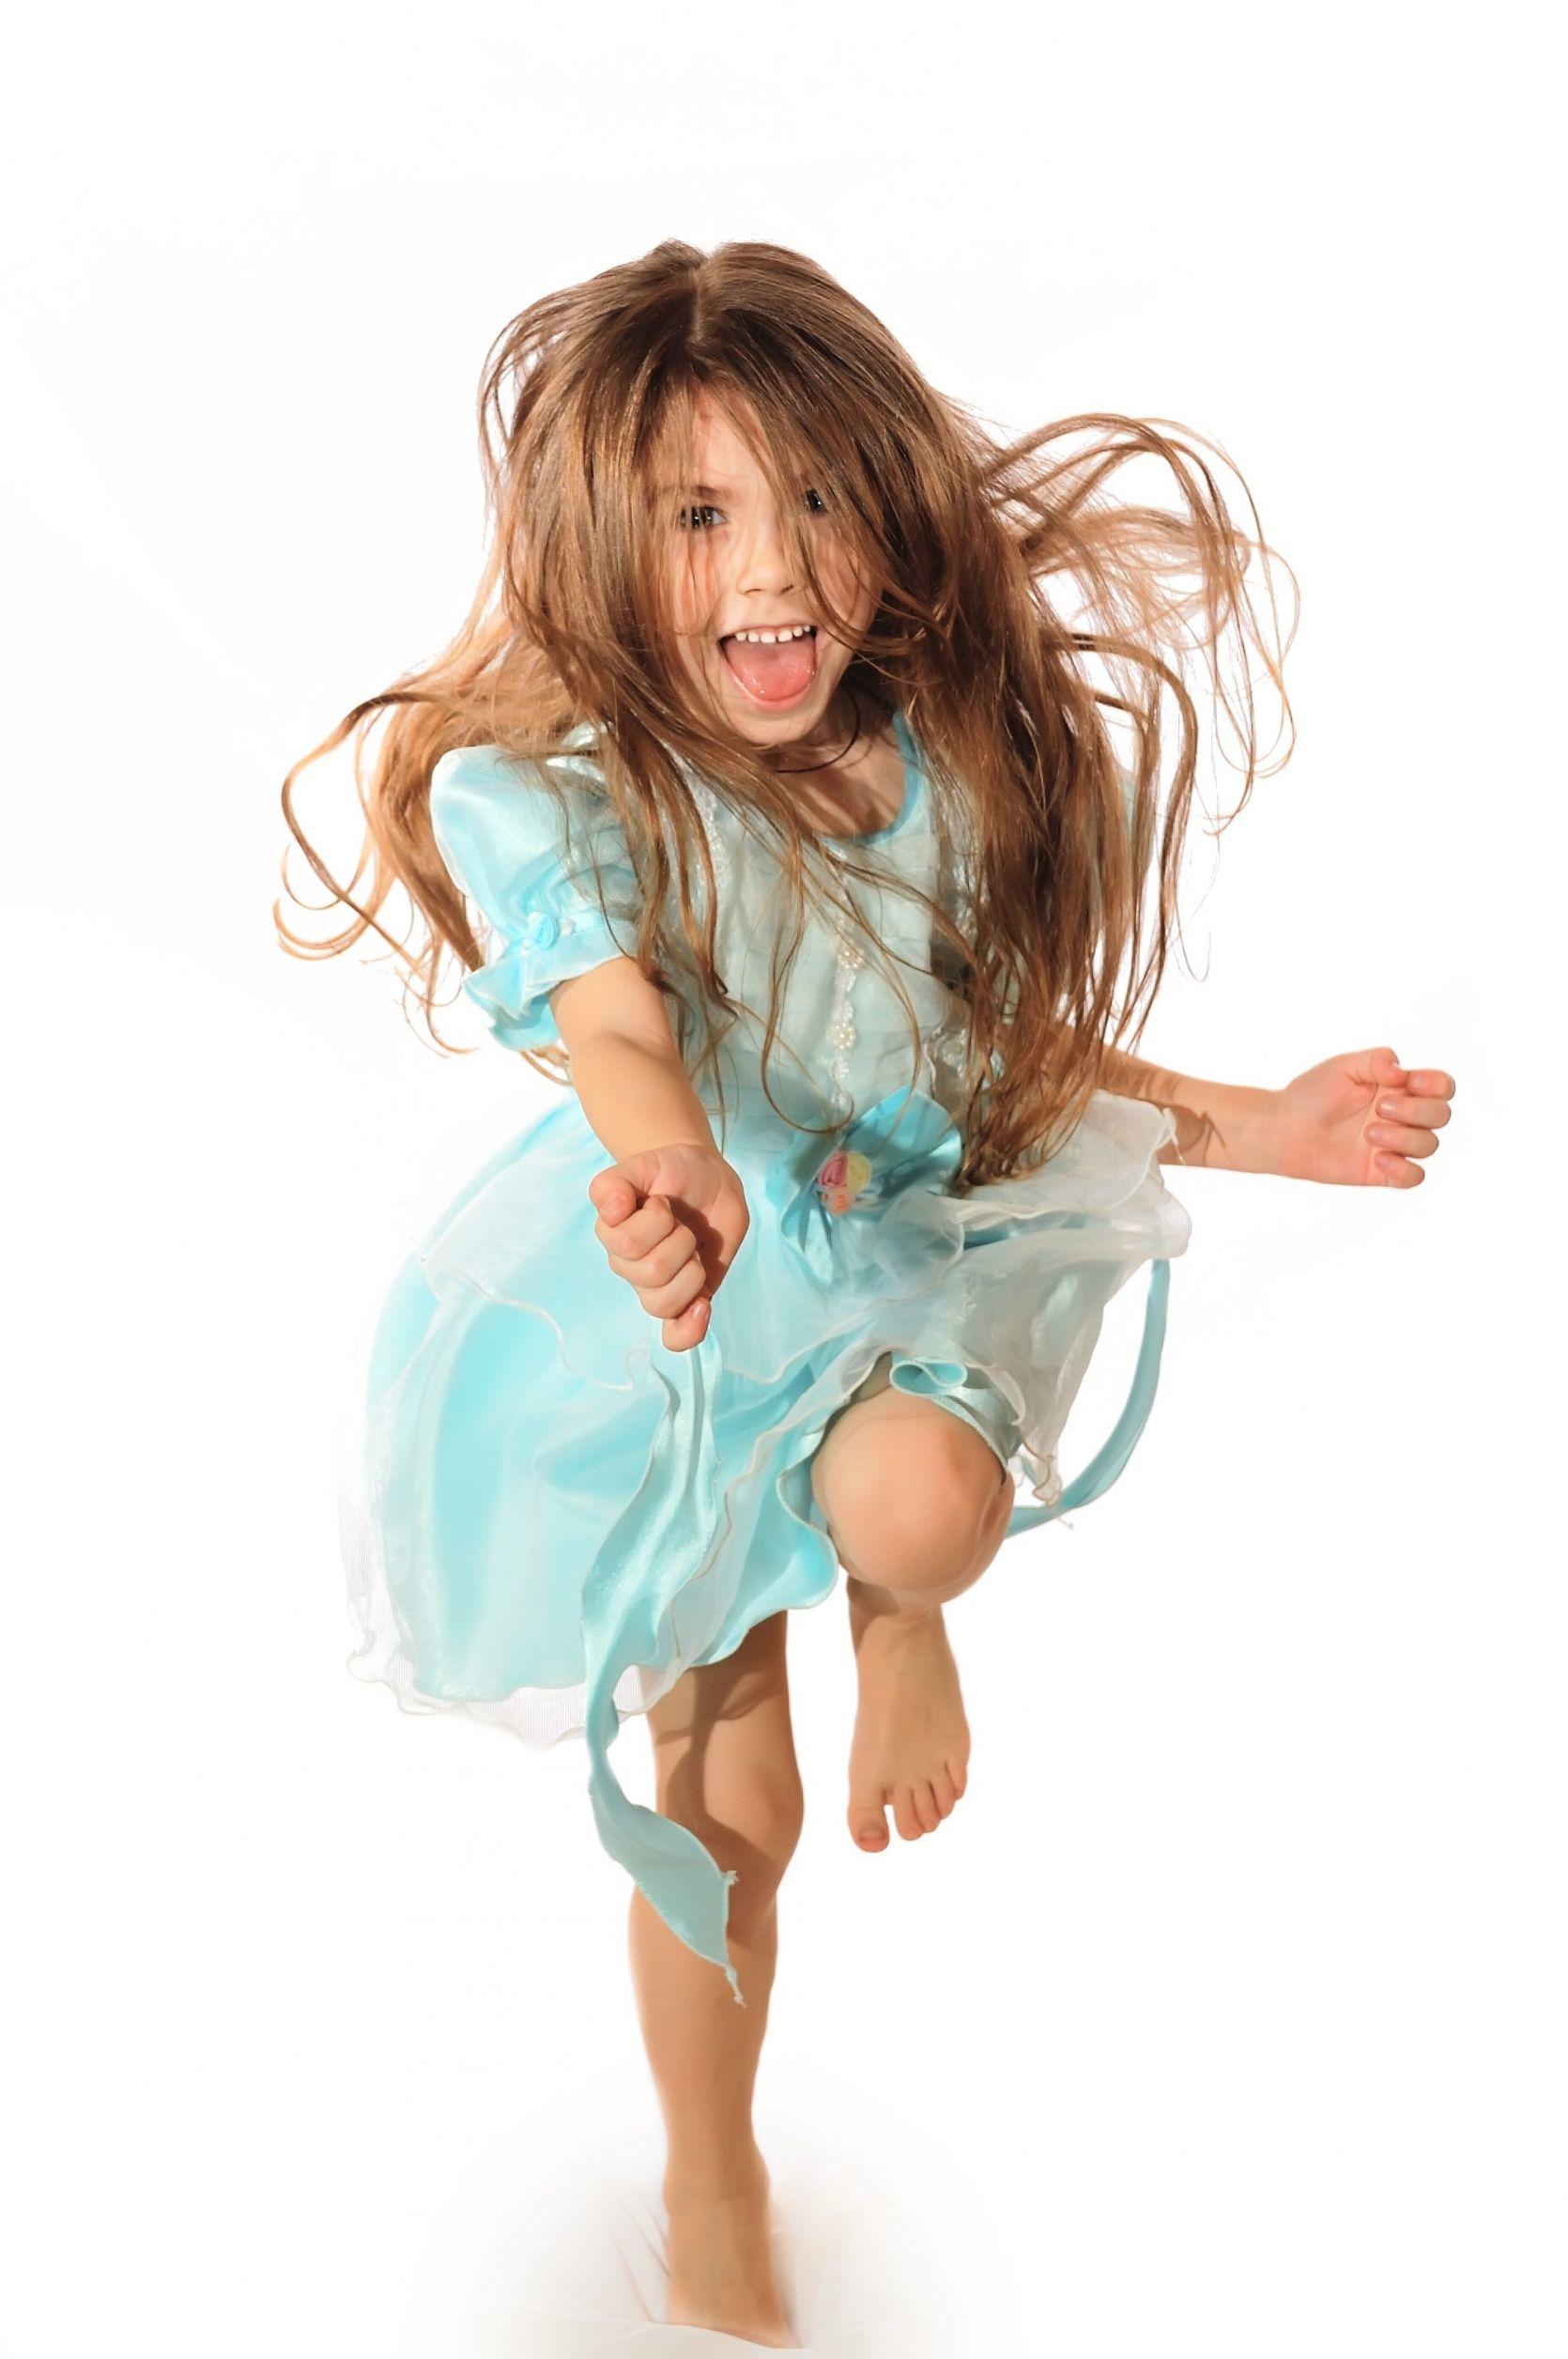 Dancing girl photo 18